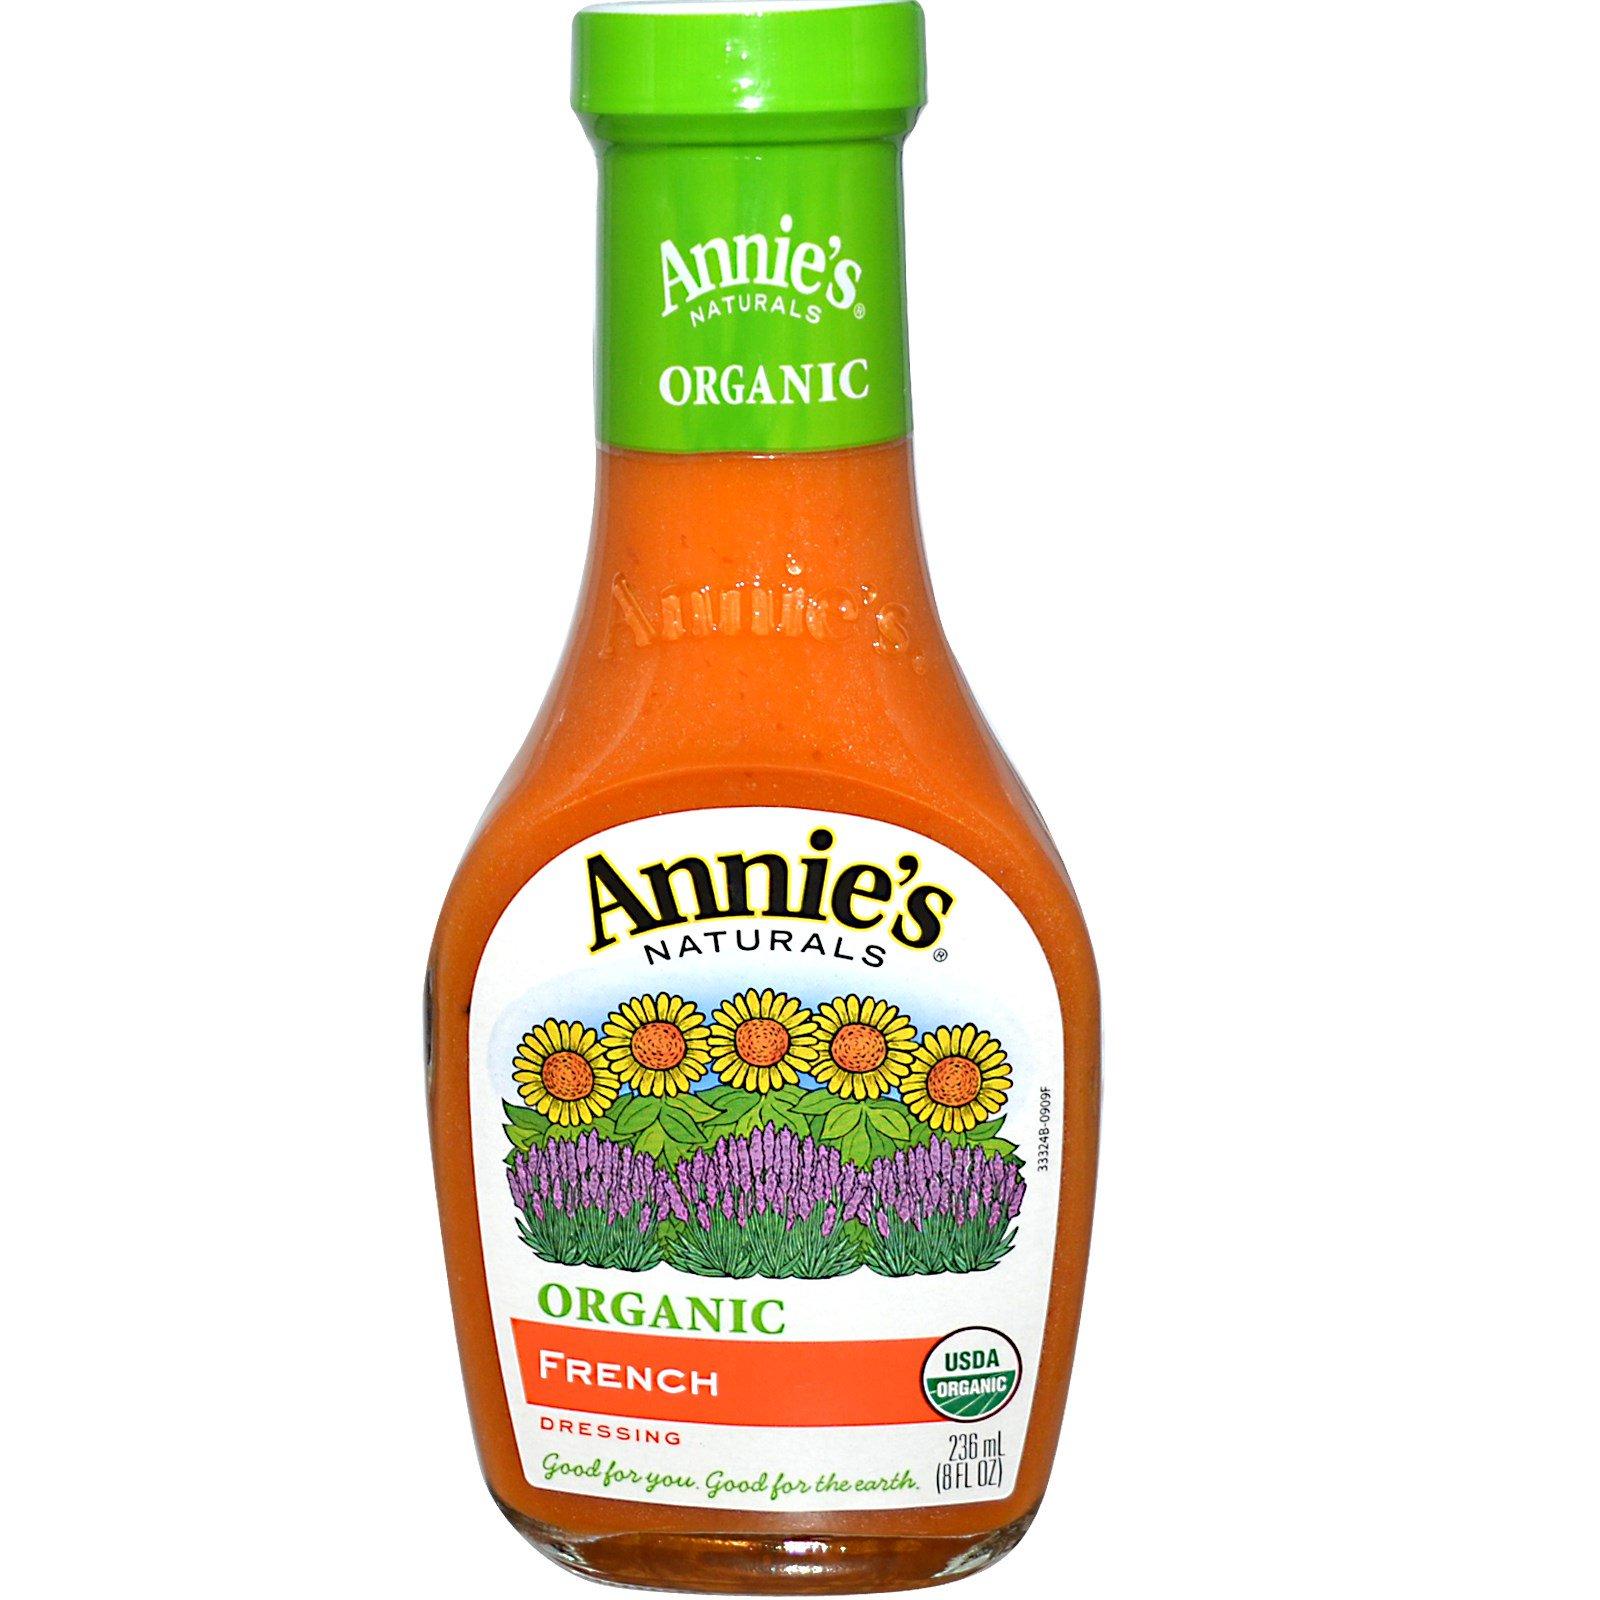 Annie's Naturals, Органическая, французская заправка-соус, 8 жидк. унц. (236 мл)